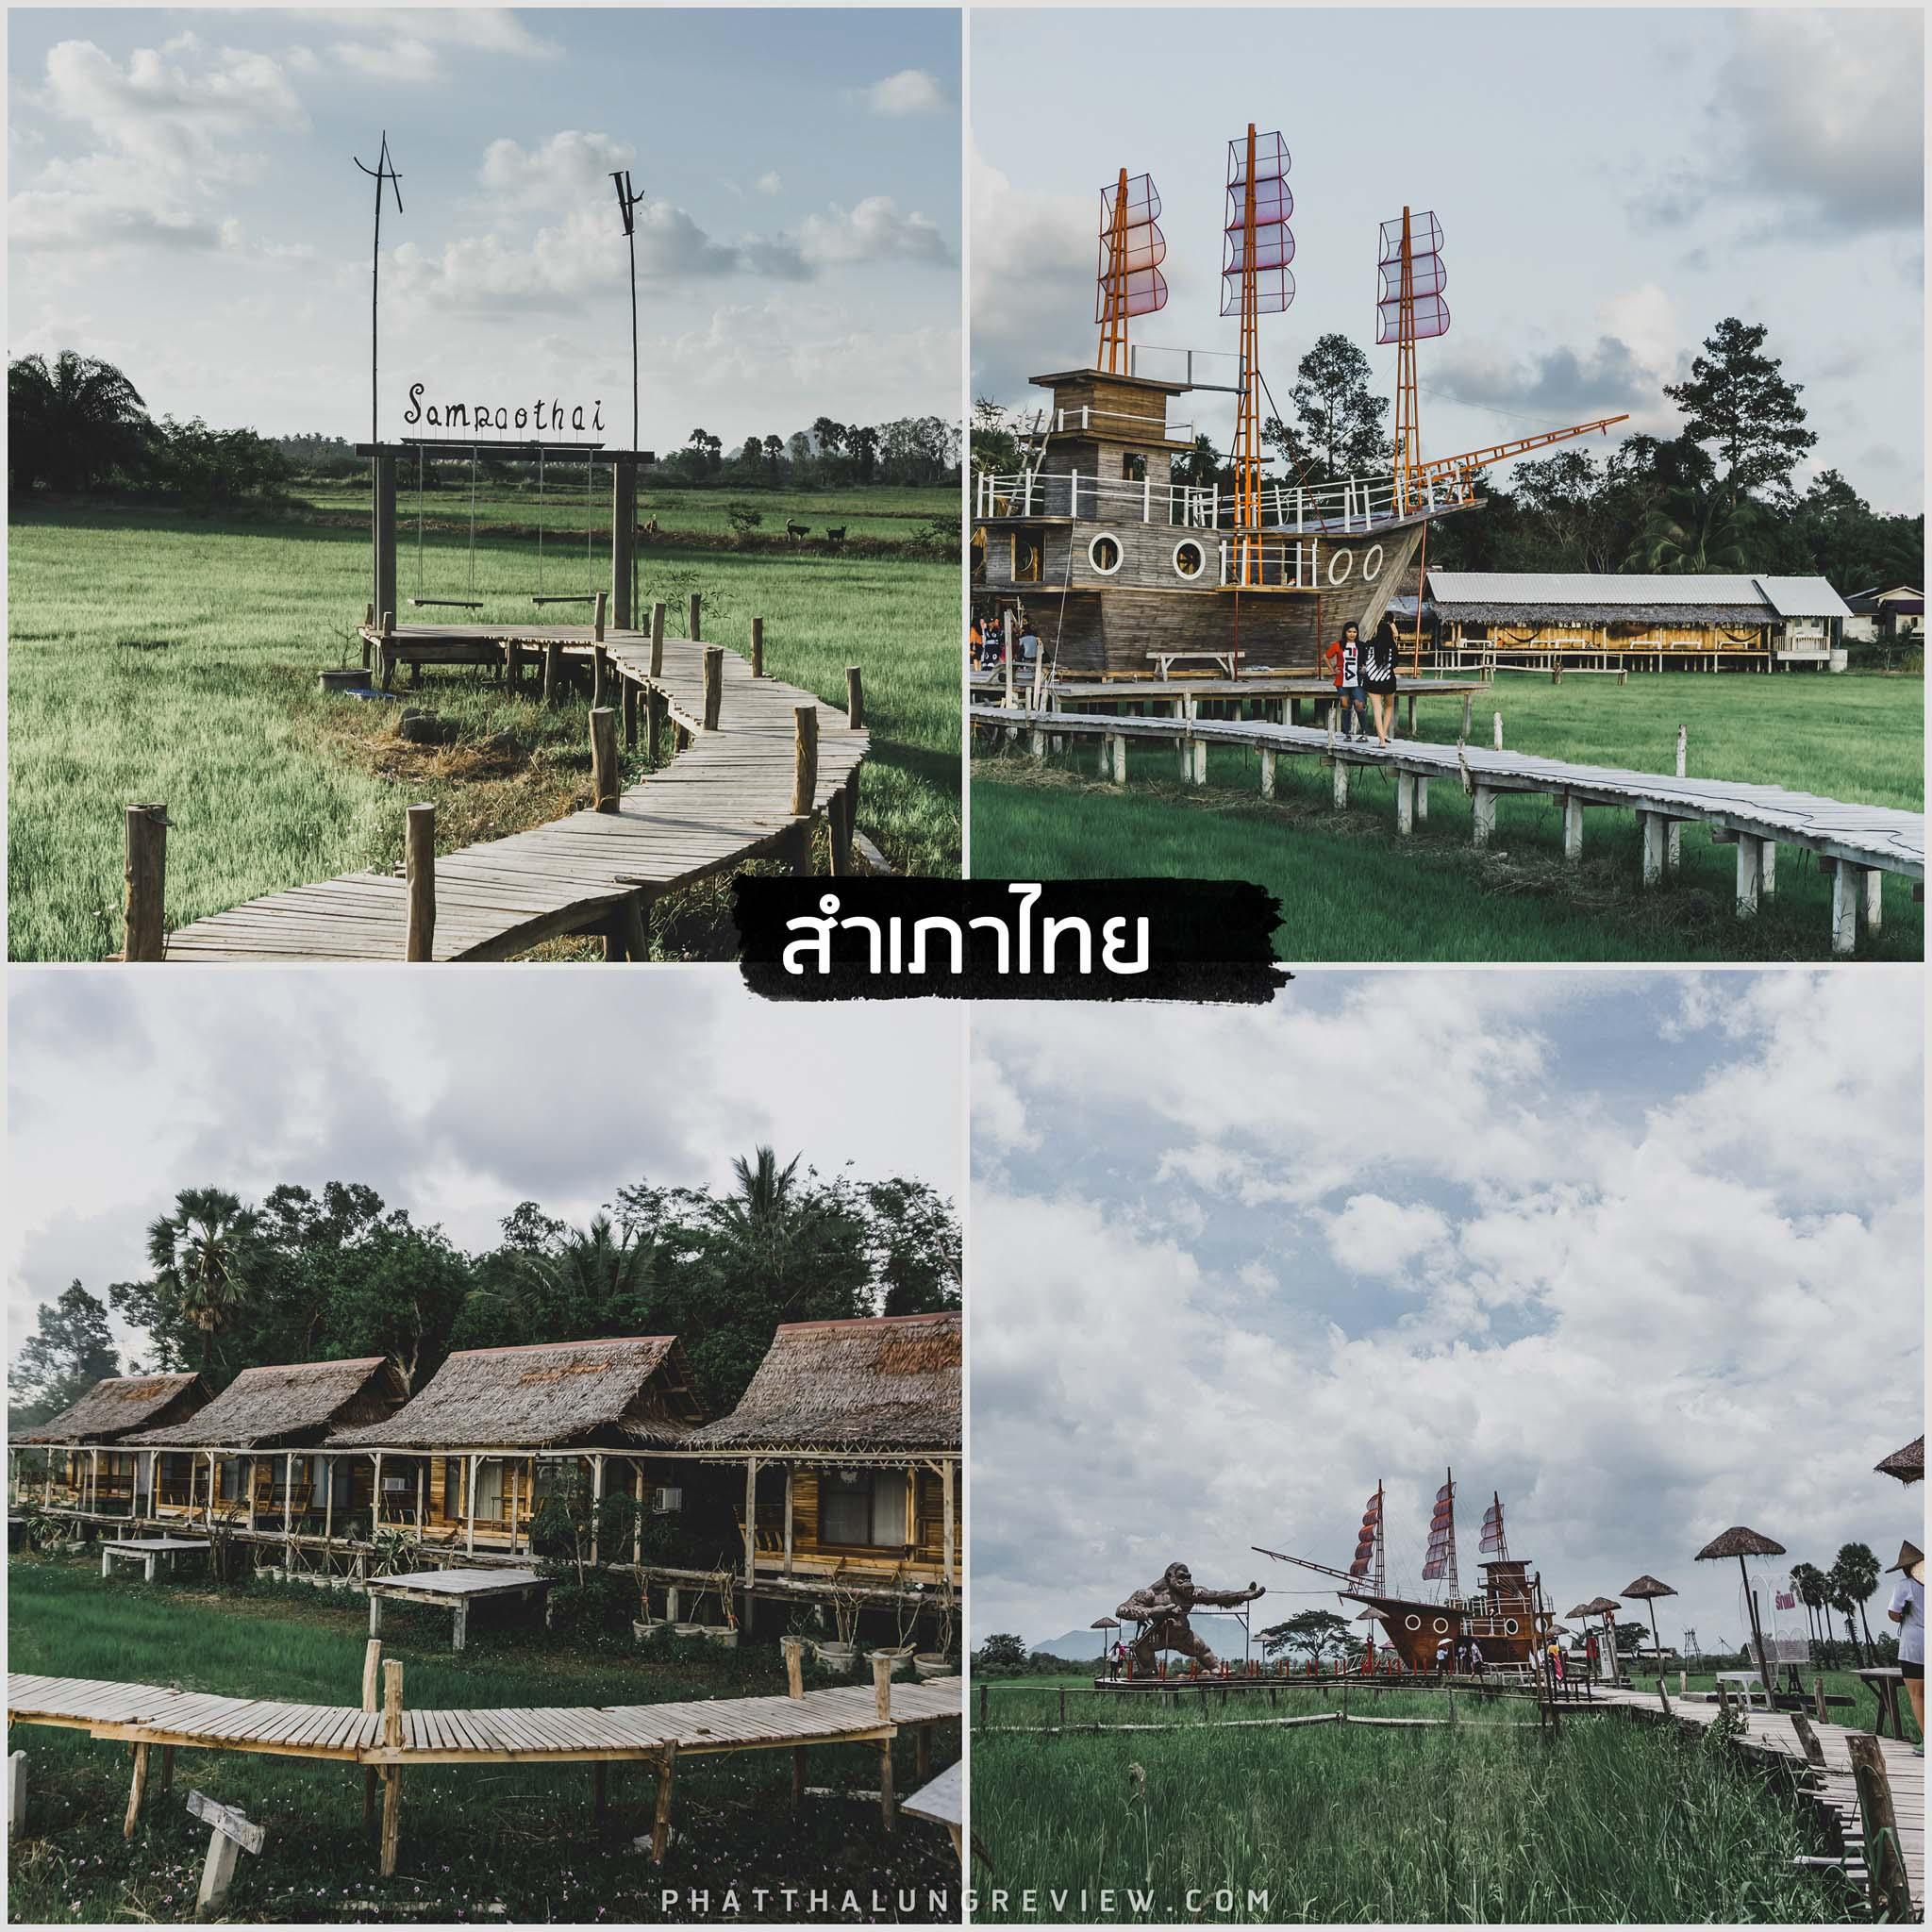 จุดเช็คอินเด็ดๆ-สำเภาไทย-จุดถ่ายรูปคู่กับคิงคองยักษ์และเรือสำเภากลางทุ่งนากว้างและวิวท้องน่าสีทองอร่าม คลิกที่นี่ พัทลุง,ที่เที่ยว,จุดเช็คอิน,คาเฟ่,ของกิน,ที่พัก,รีสอร์ท